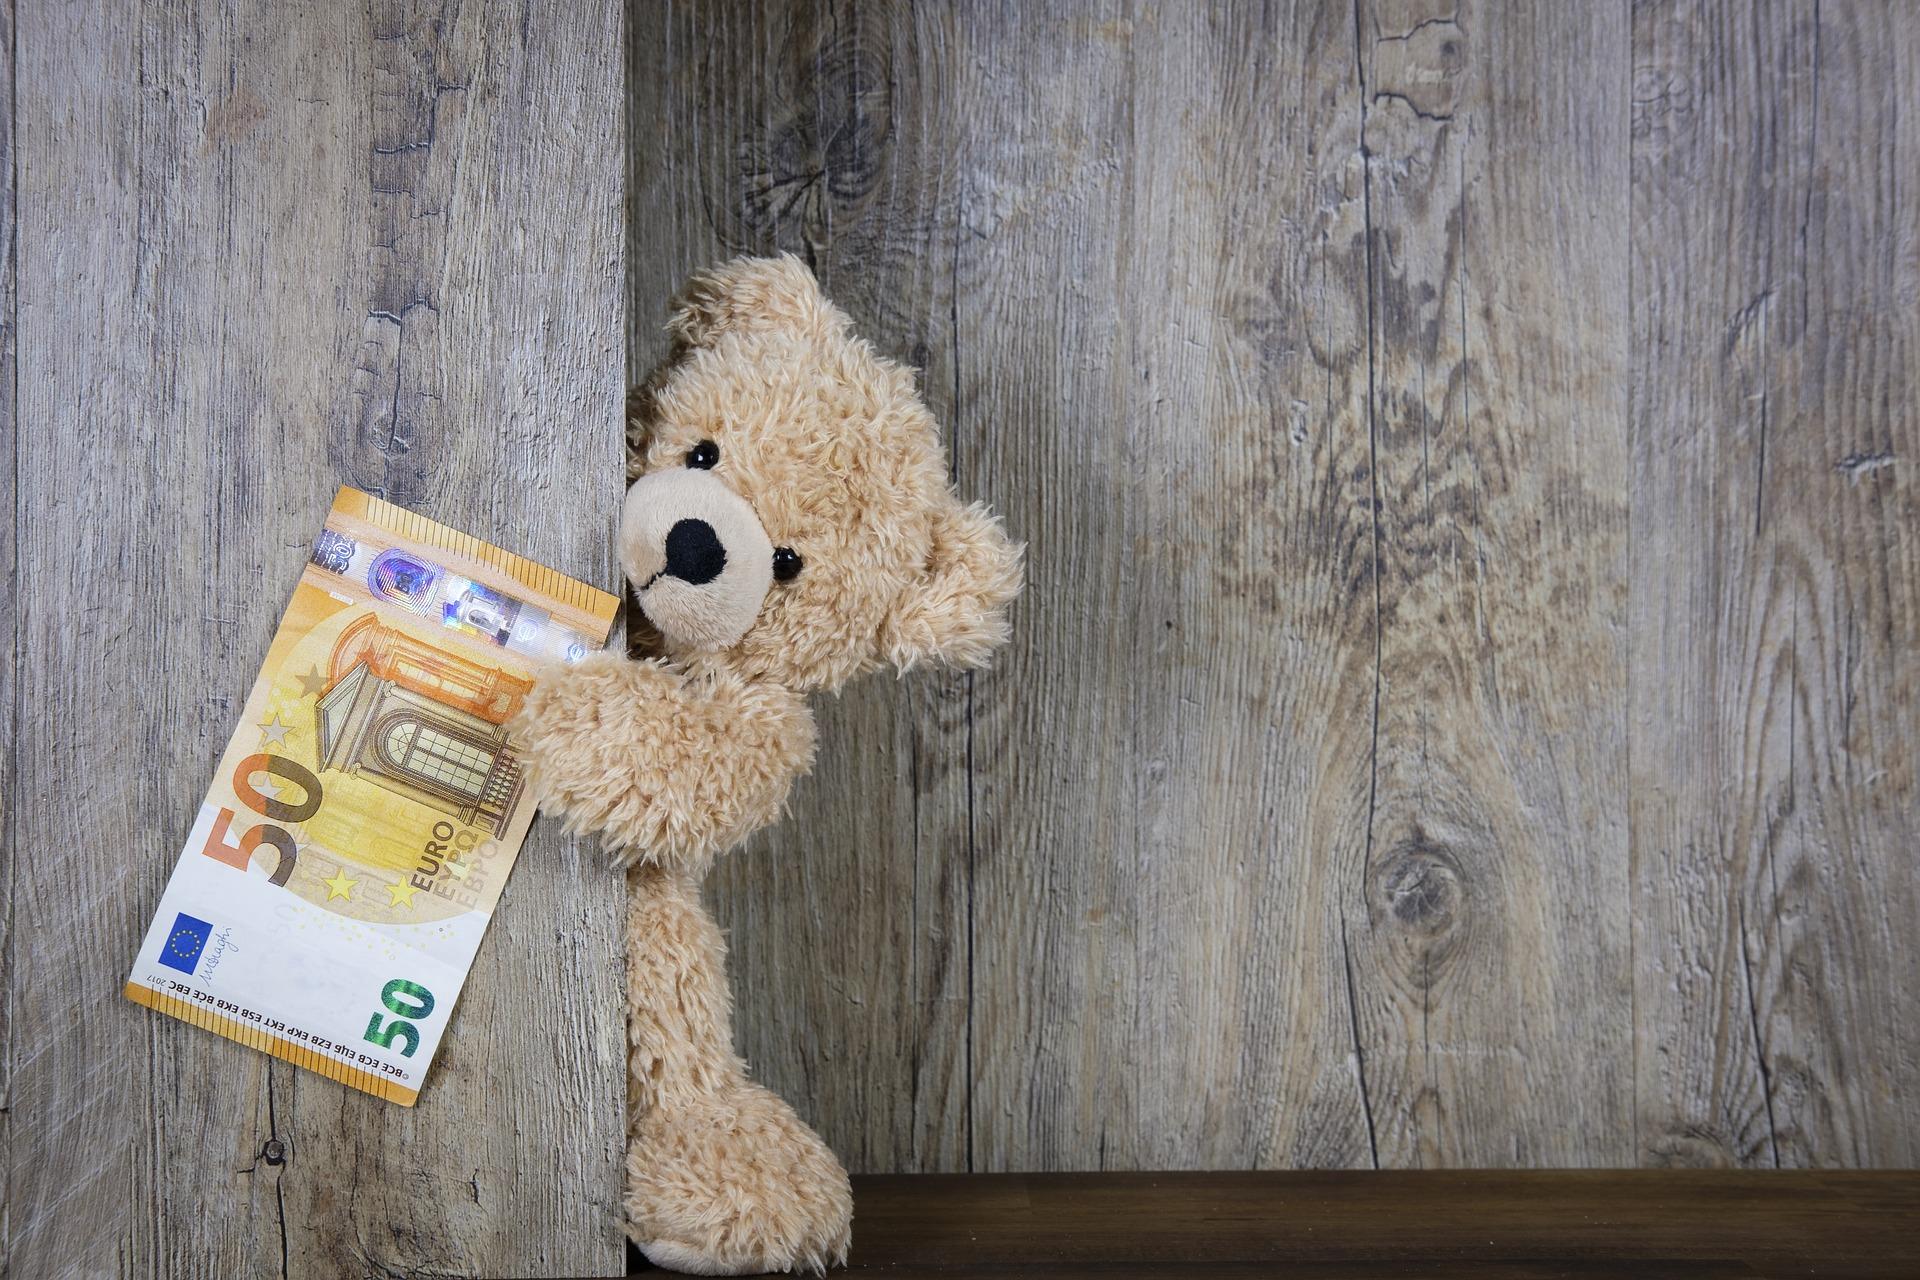 ギフトカードと商品券の種類まとめ!コンビニで買える・プレゼント向きは?